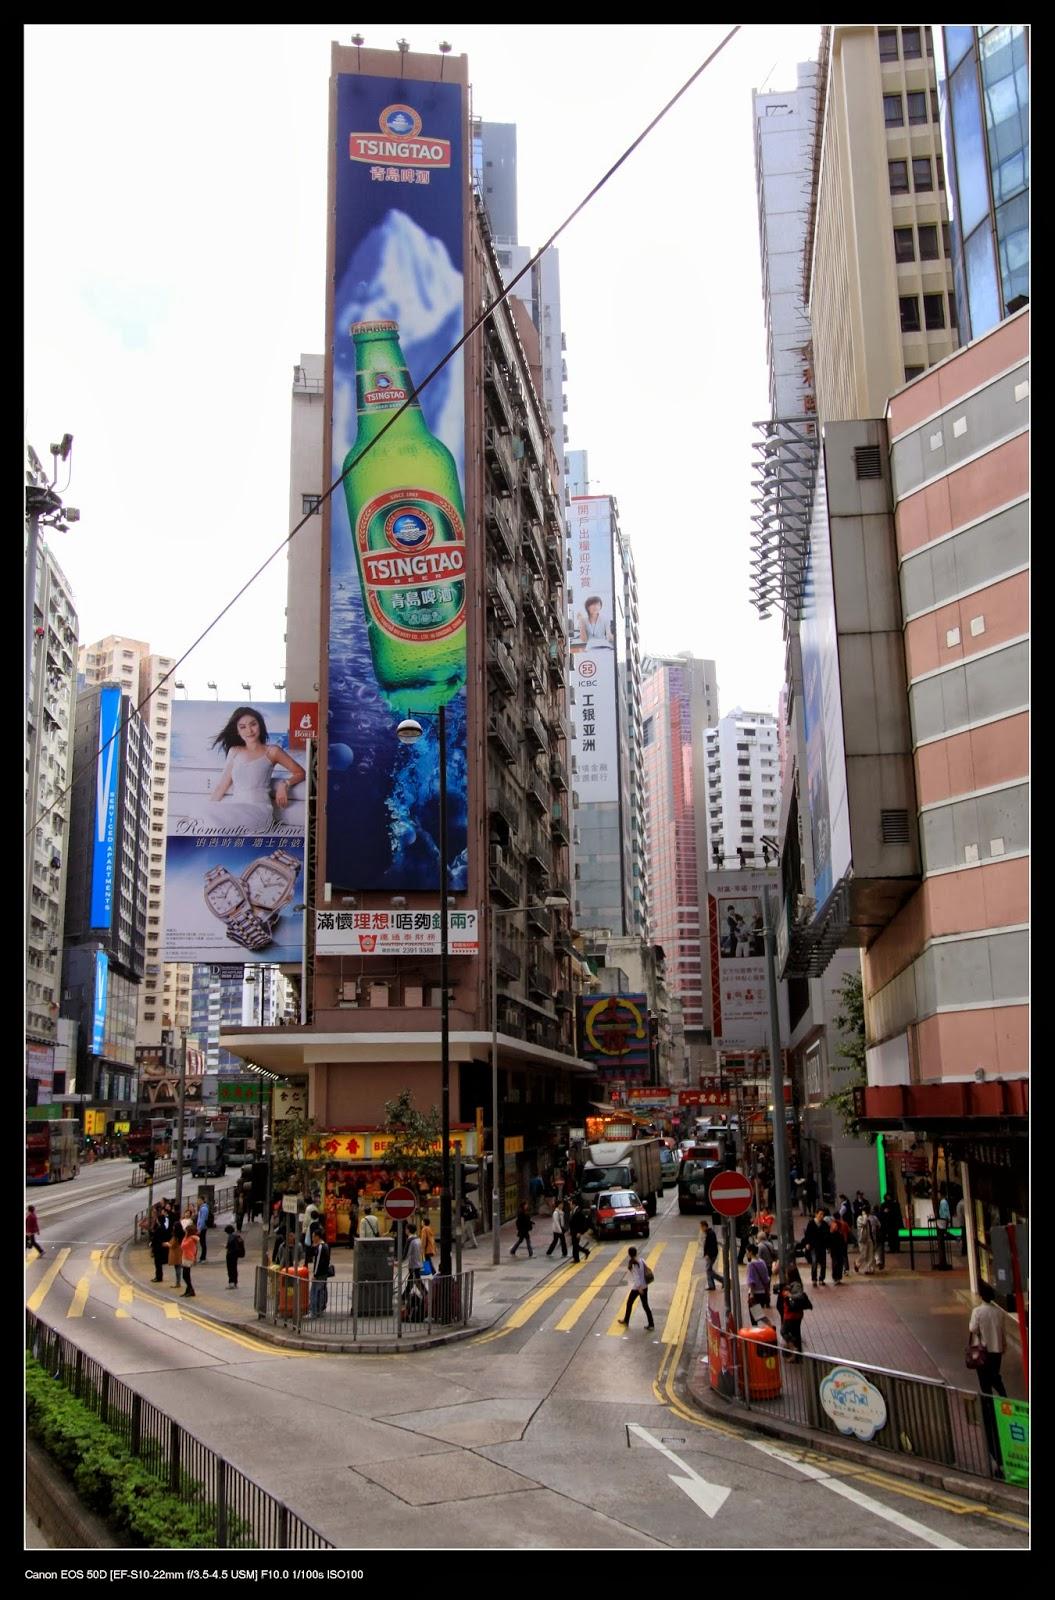 懷舊香港: 「老銅」遊記